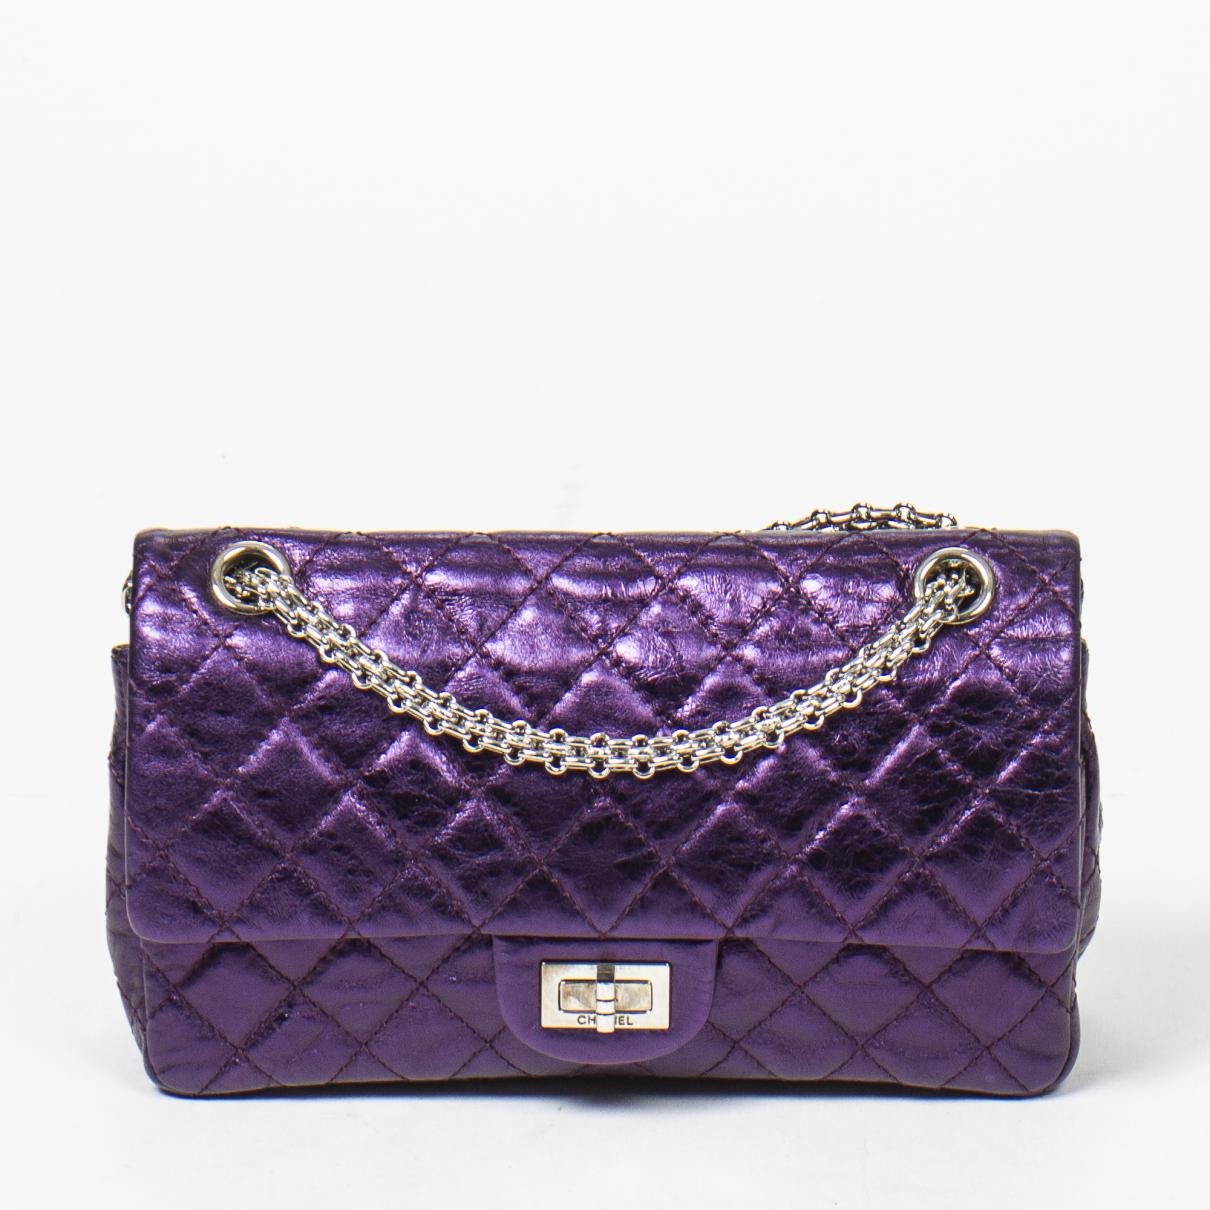 Chanel 2.55 Handtasche in  Lila Leder